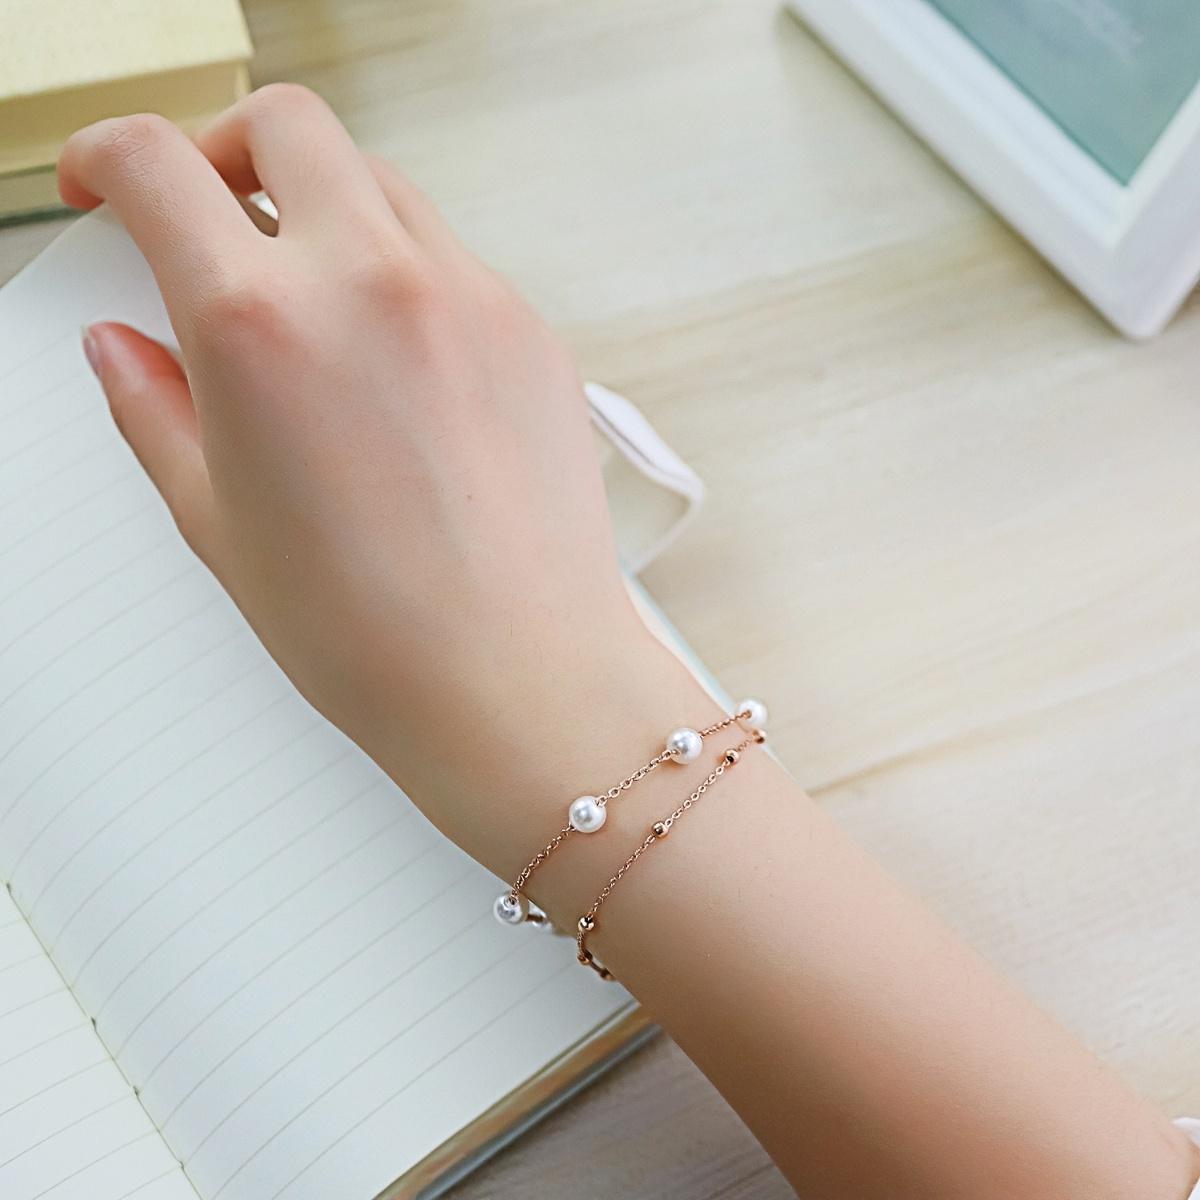 C6珍珠手链女小清新送闺蜜双层手环气质日韩约会送闺蜜礼物